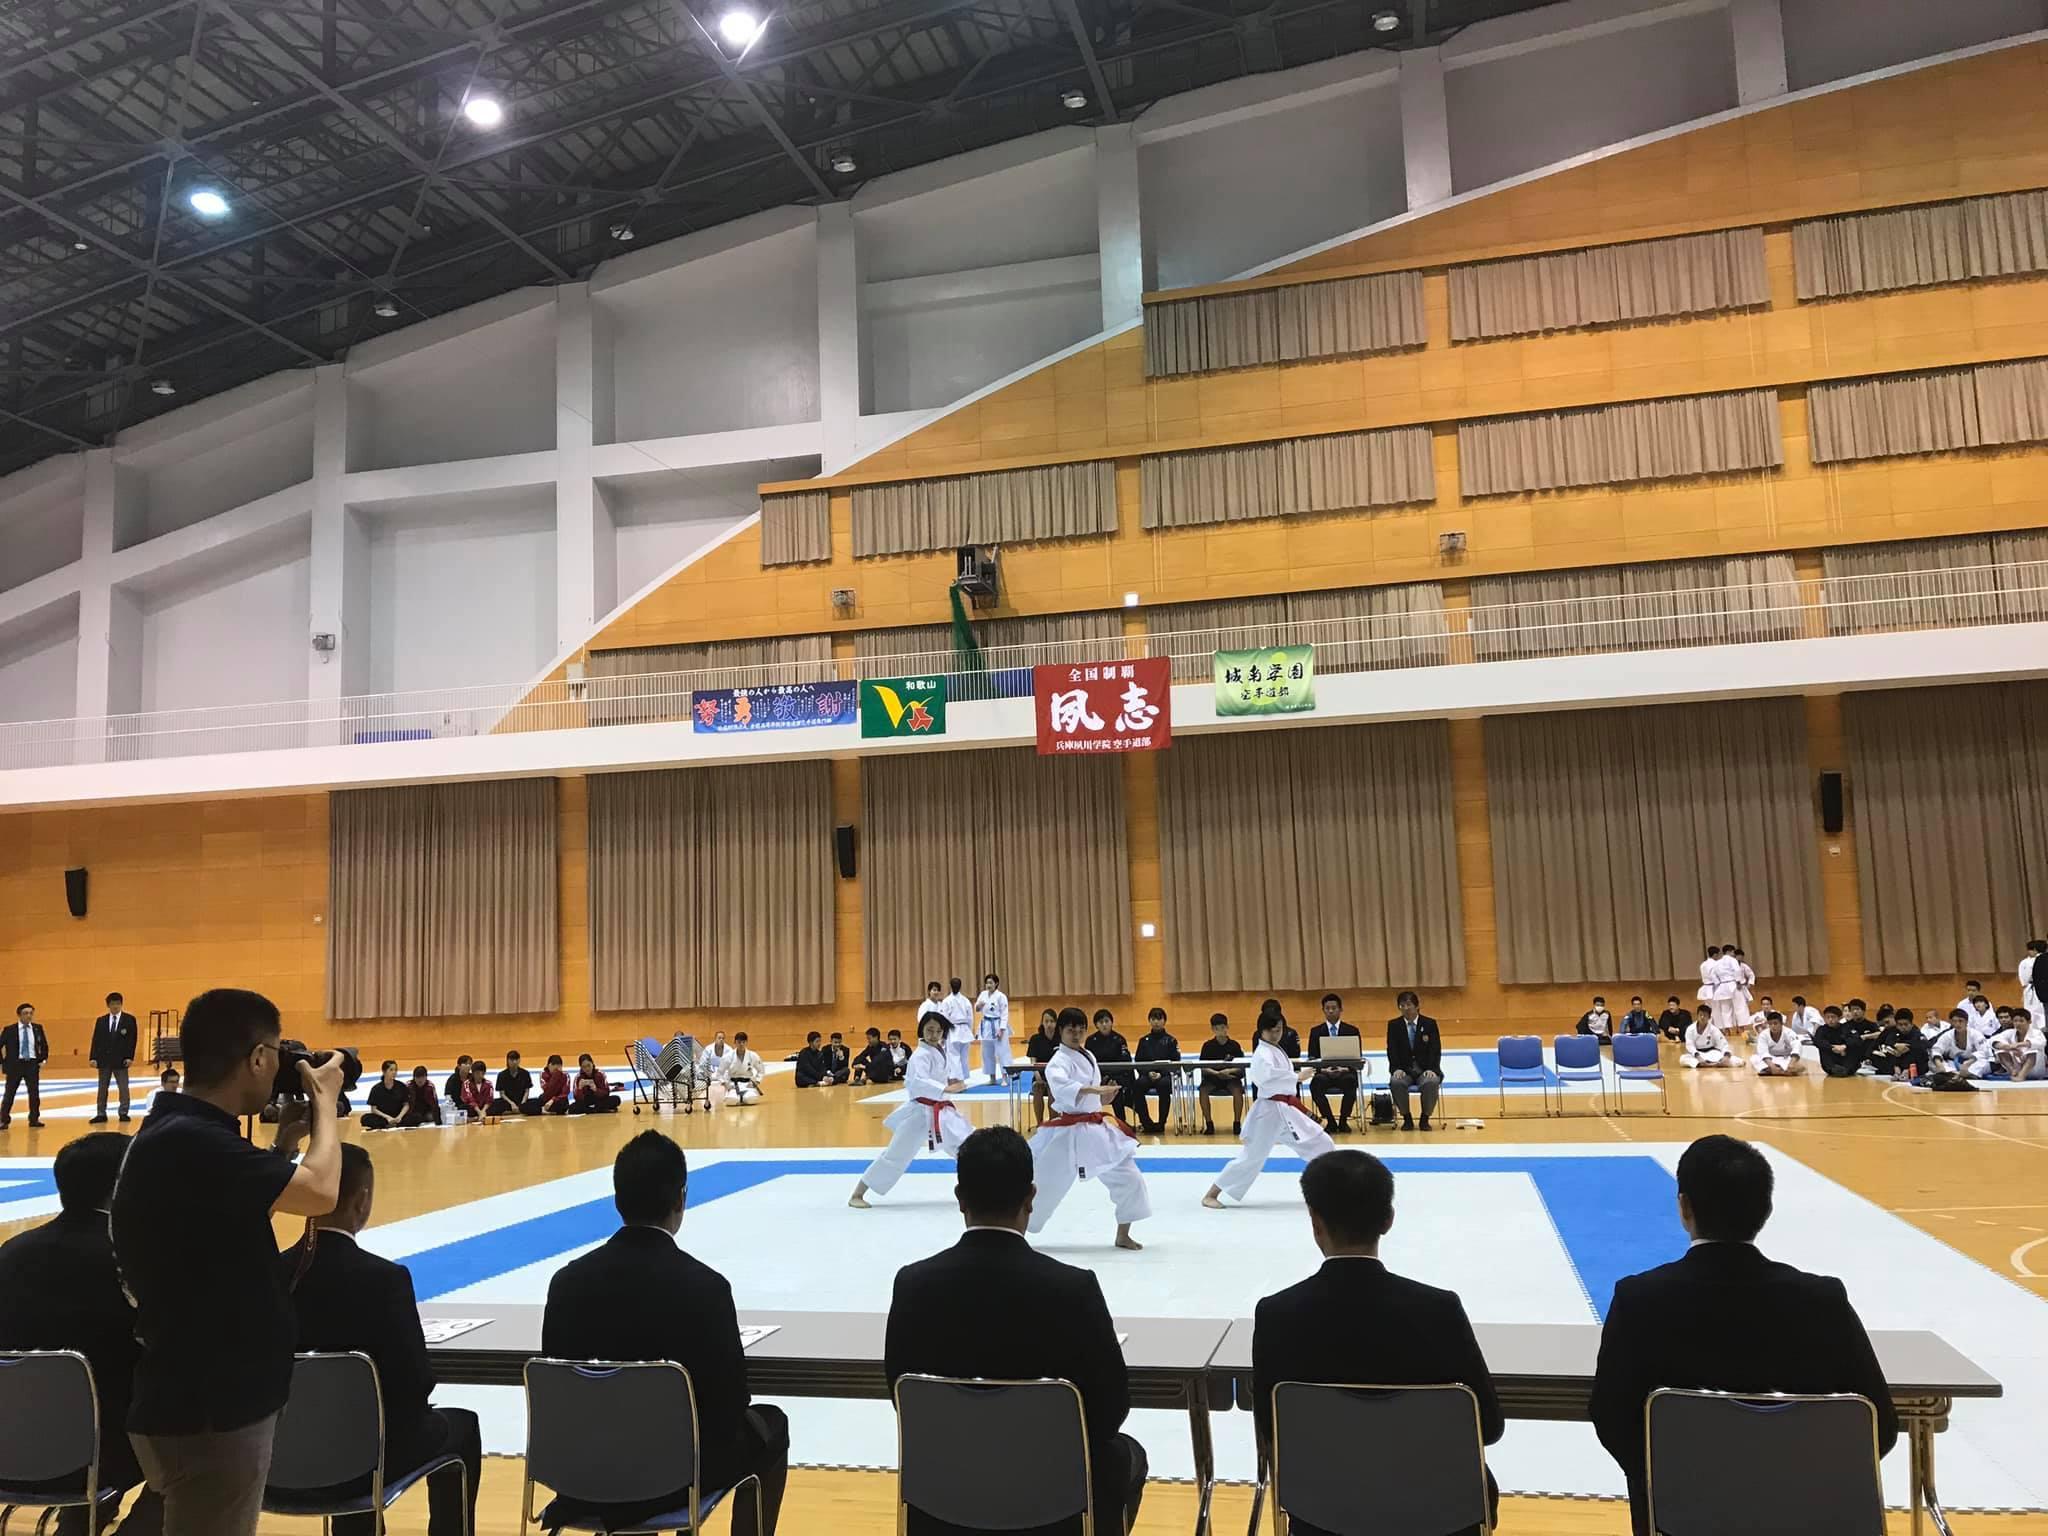 第1回パンダ杯全国高等学校空手道形競技錬成大会_e0238098_15394206.jpg